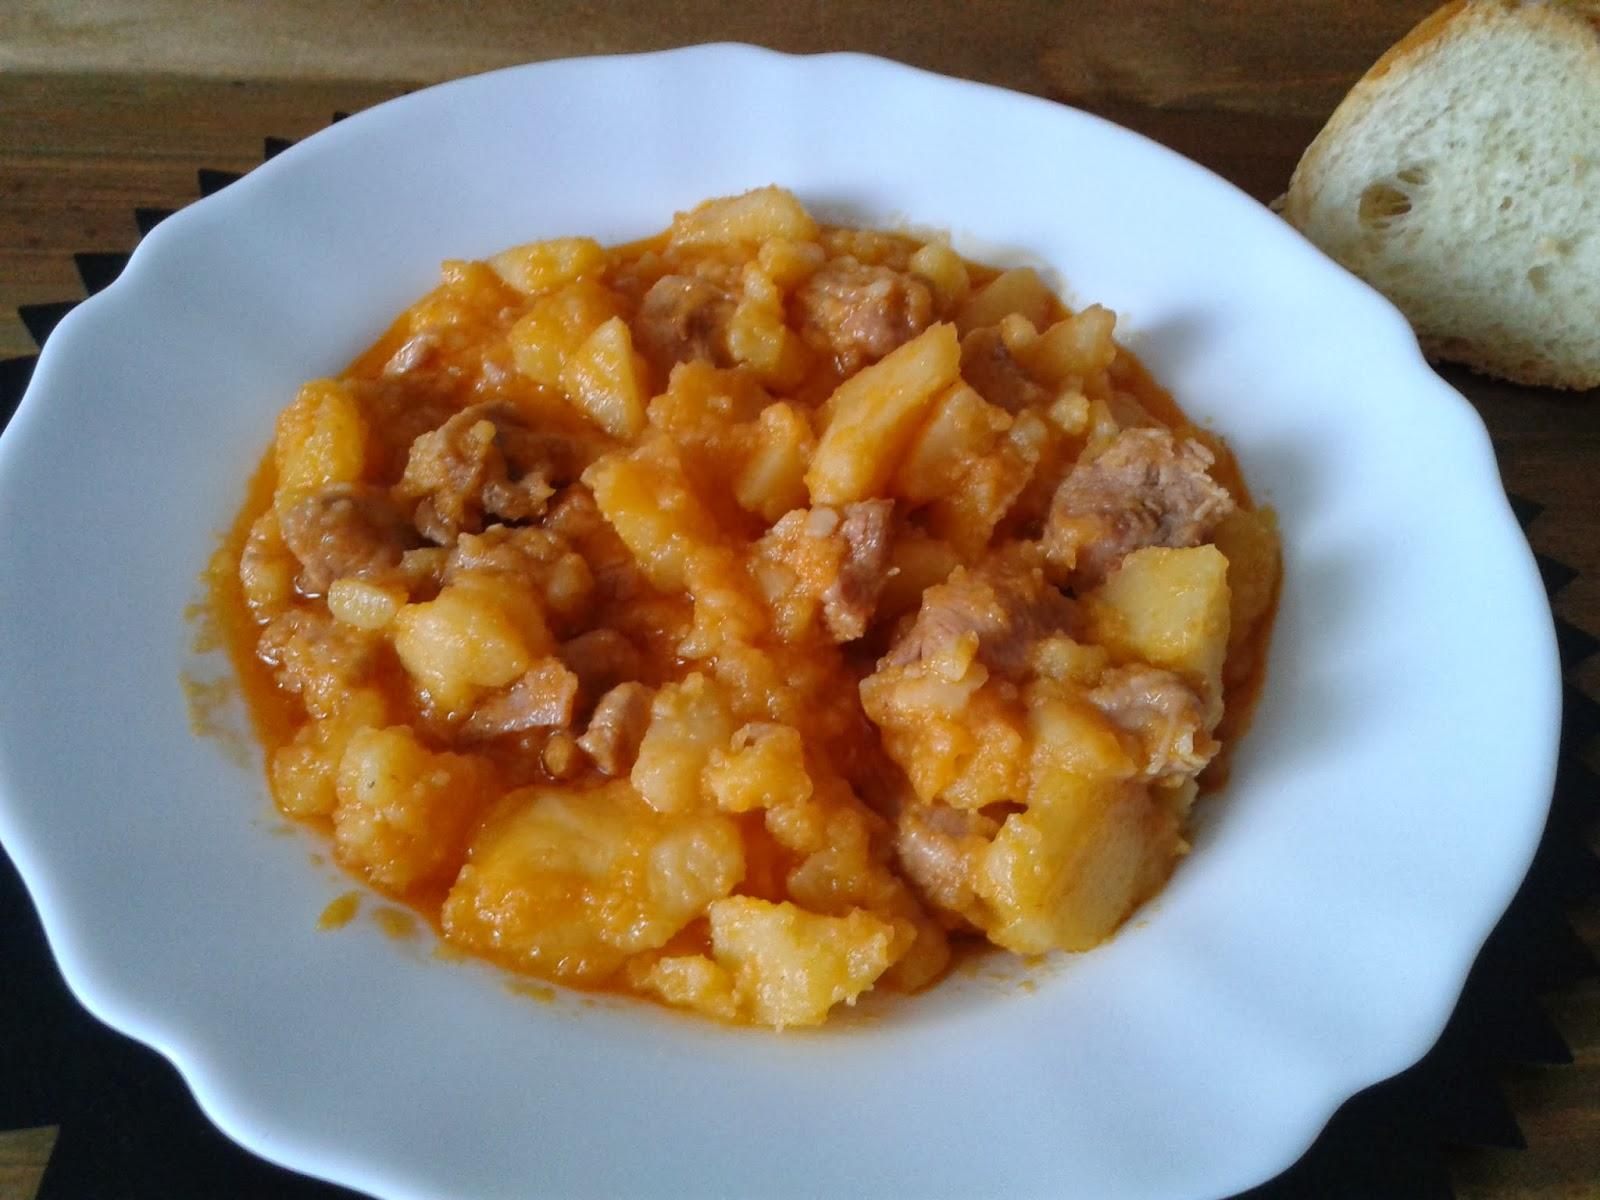 Recetas con encanto estofado de pavo con patatas olla r pida - Patatas en olla rapida ...